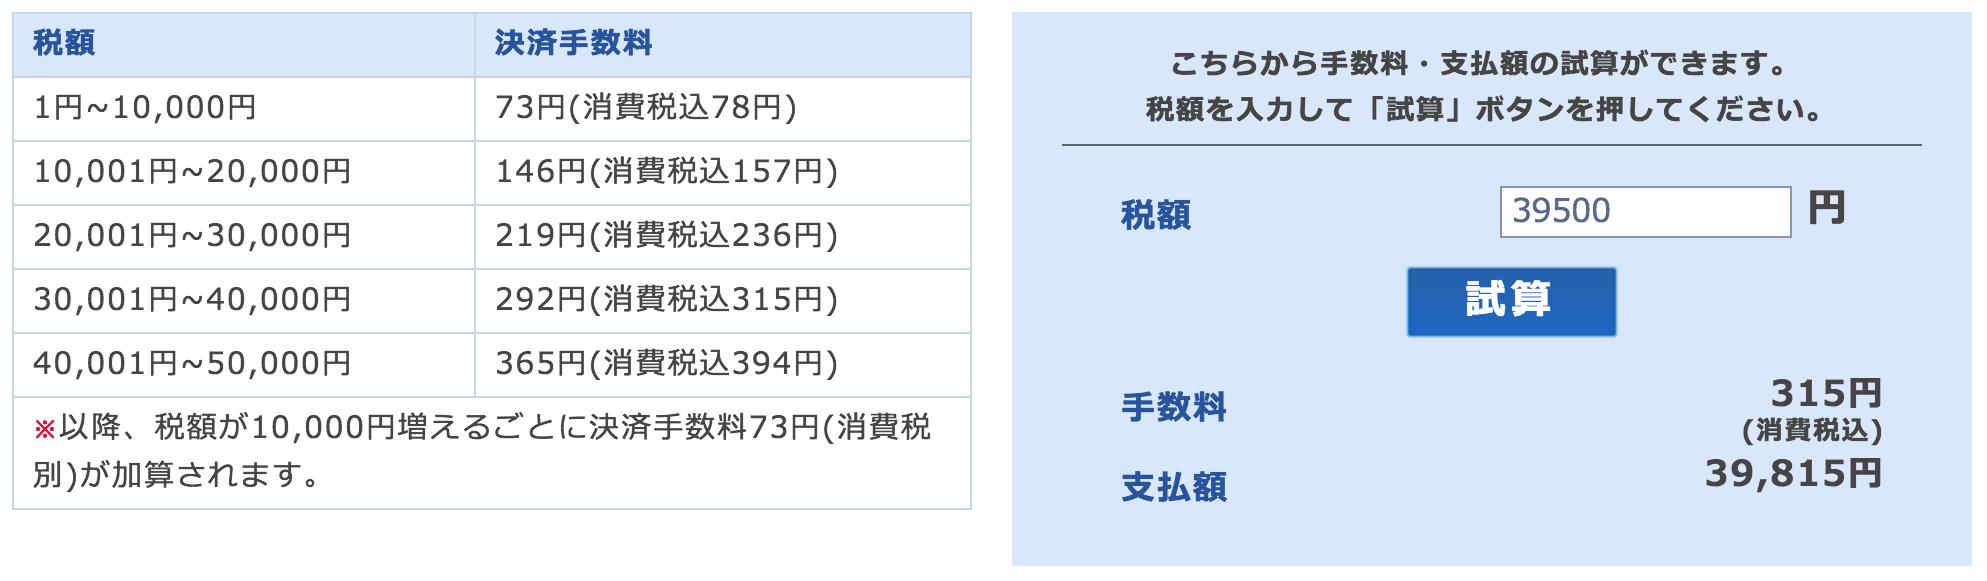 jidoushazei_ 2016-05-10 17.57.49